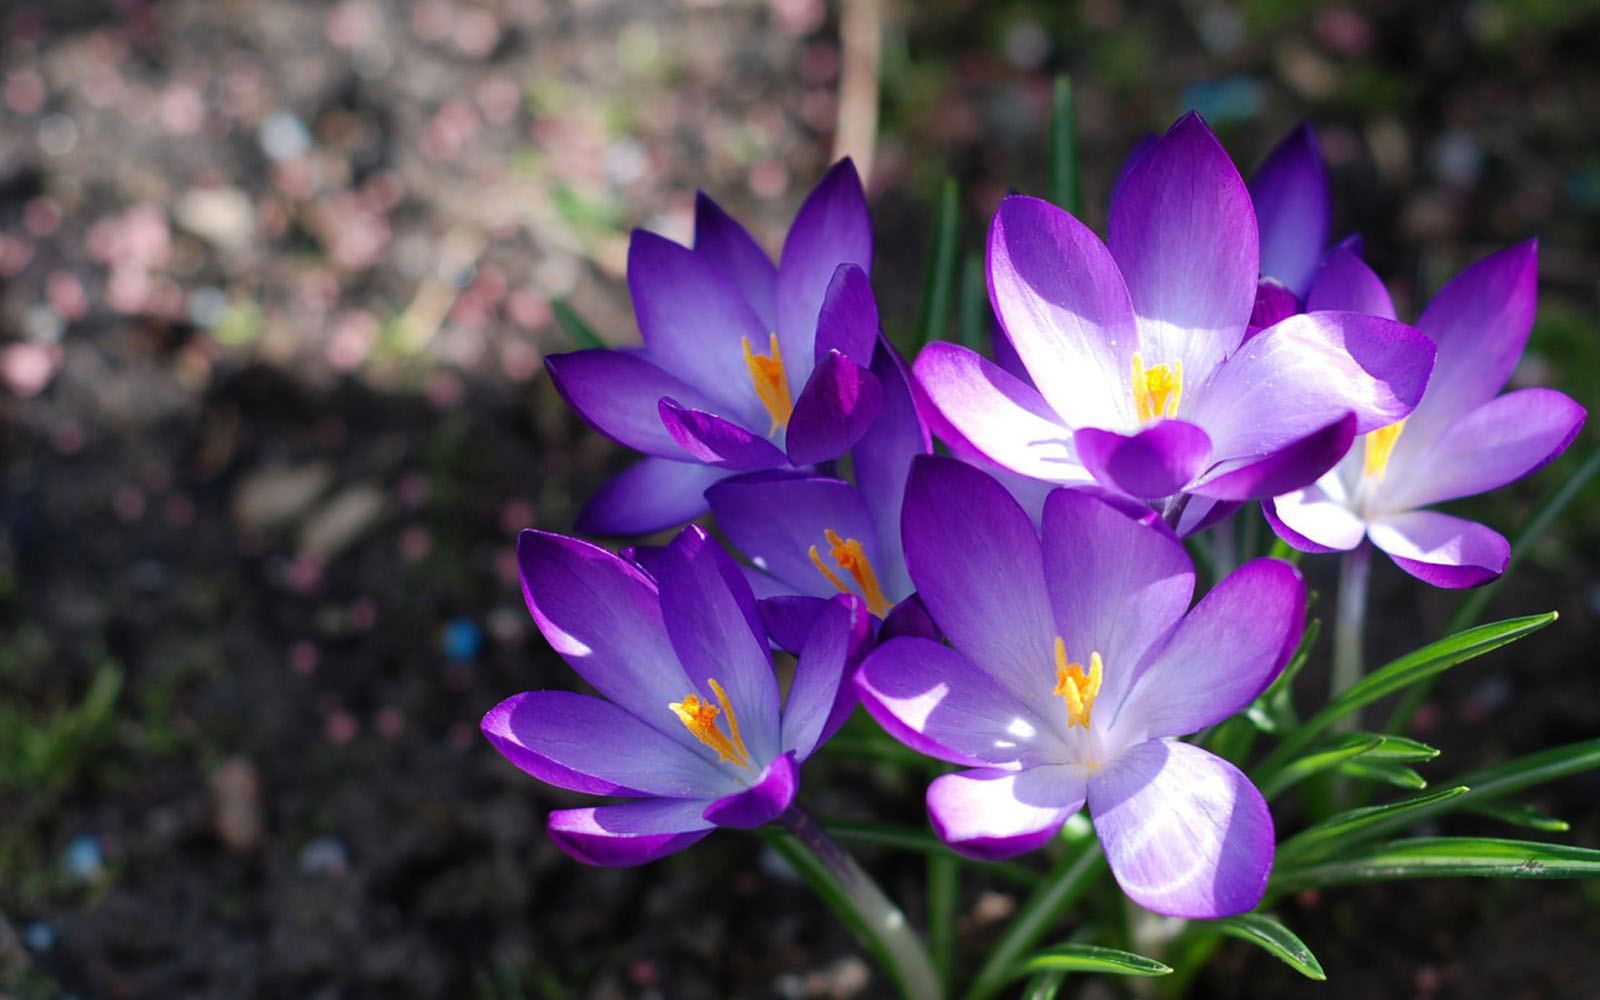 purple flower desktop wallpaper - photo #12